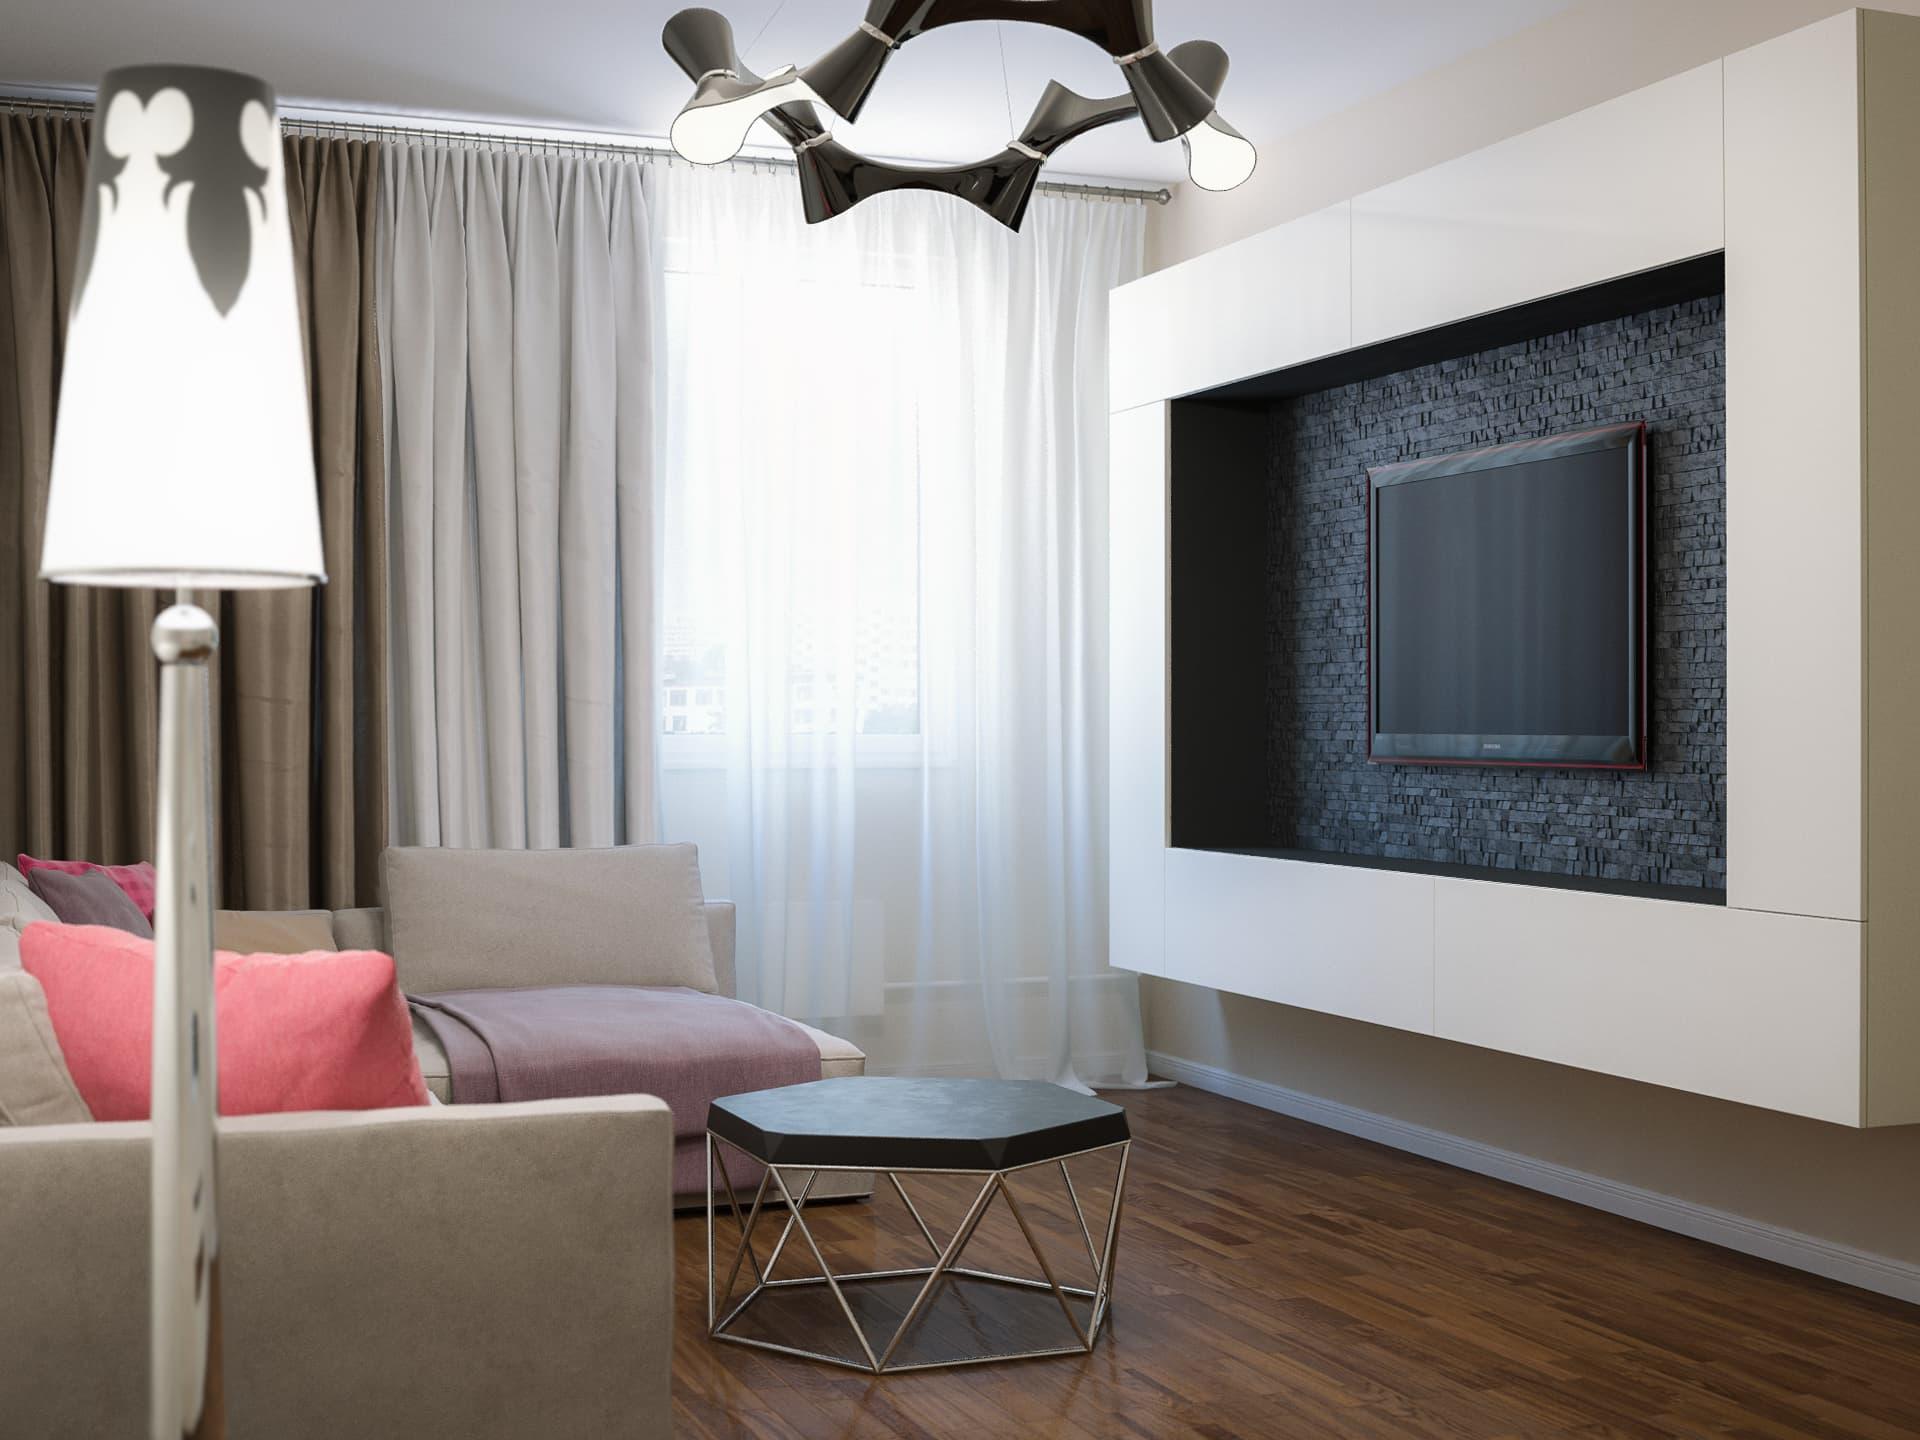 Дизайн 3-комнатной квартиры в стиле фьюжн